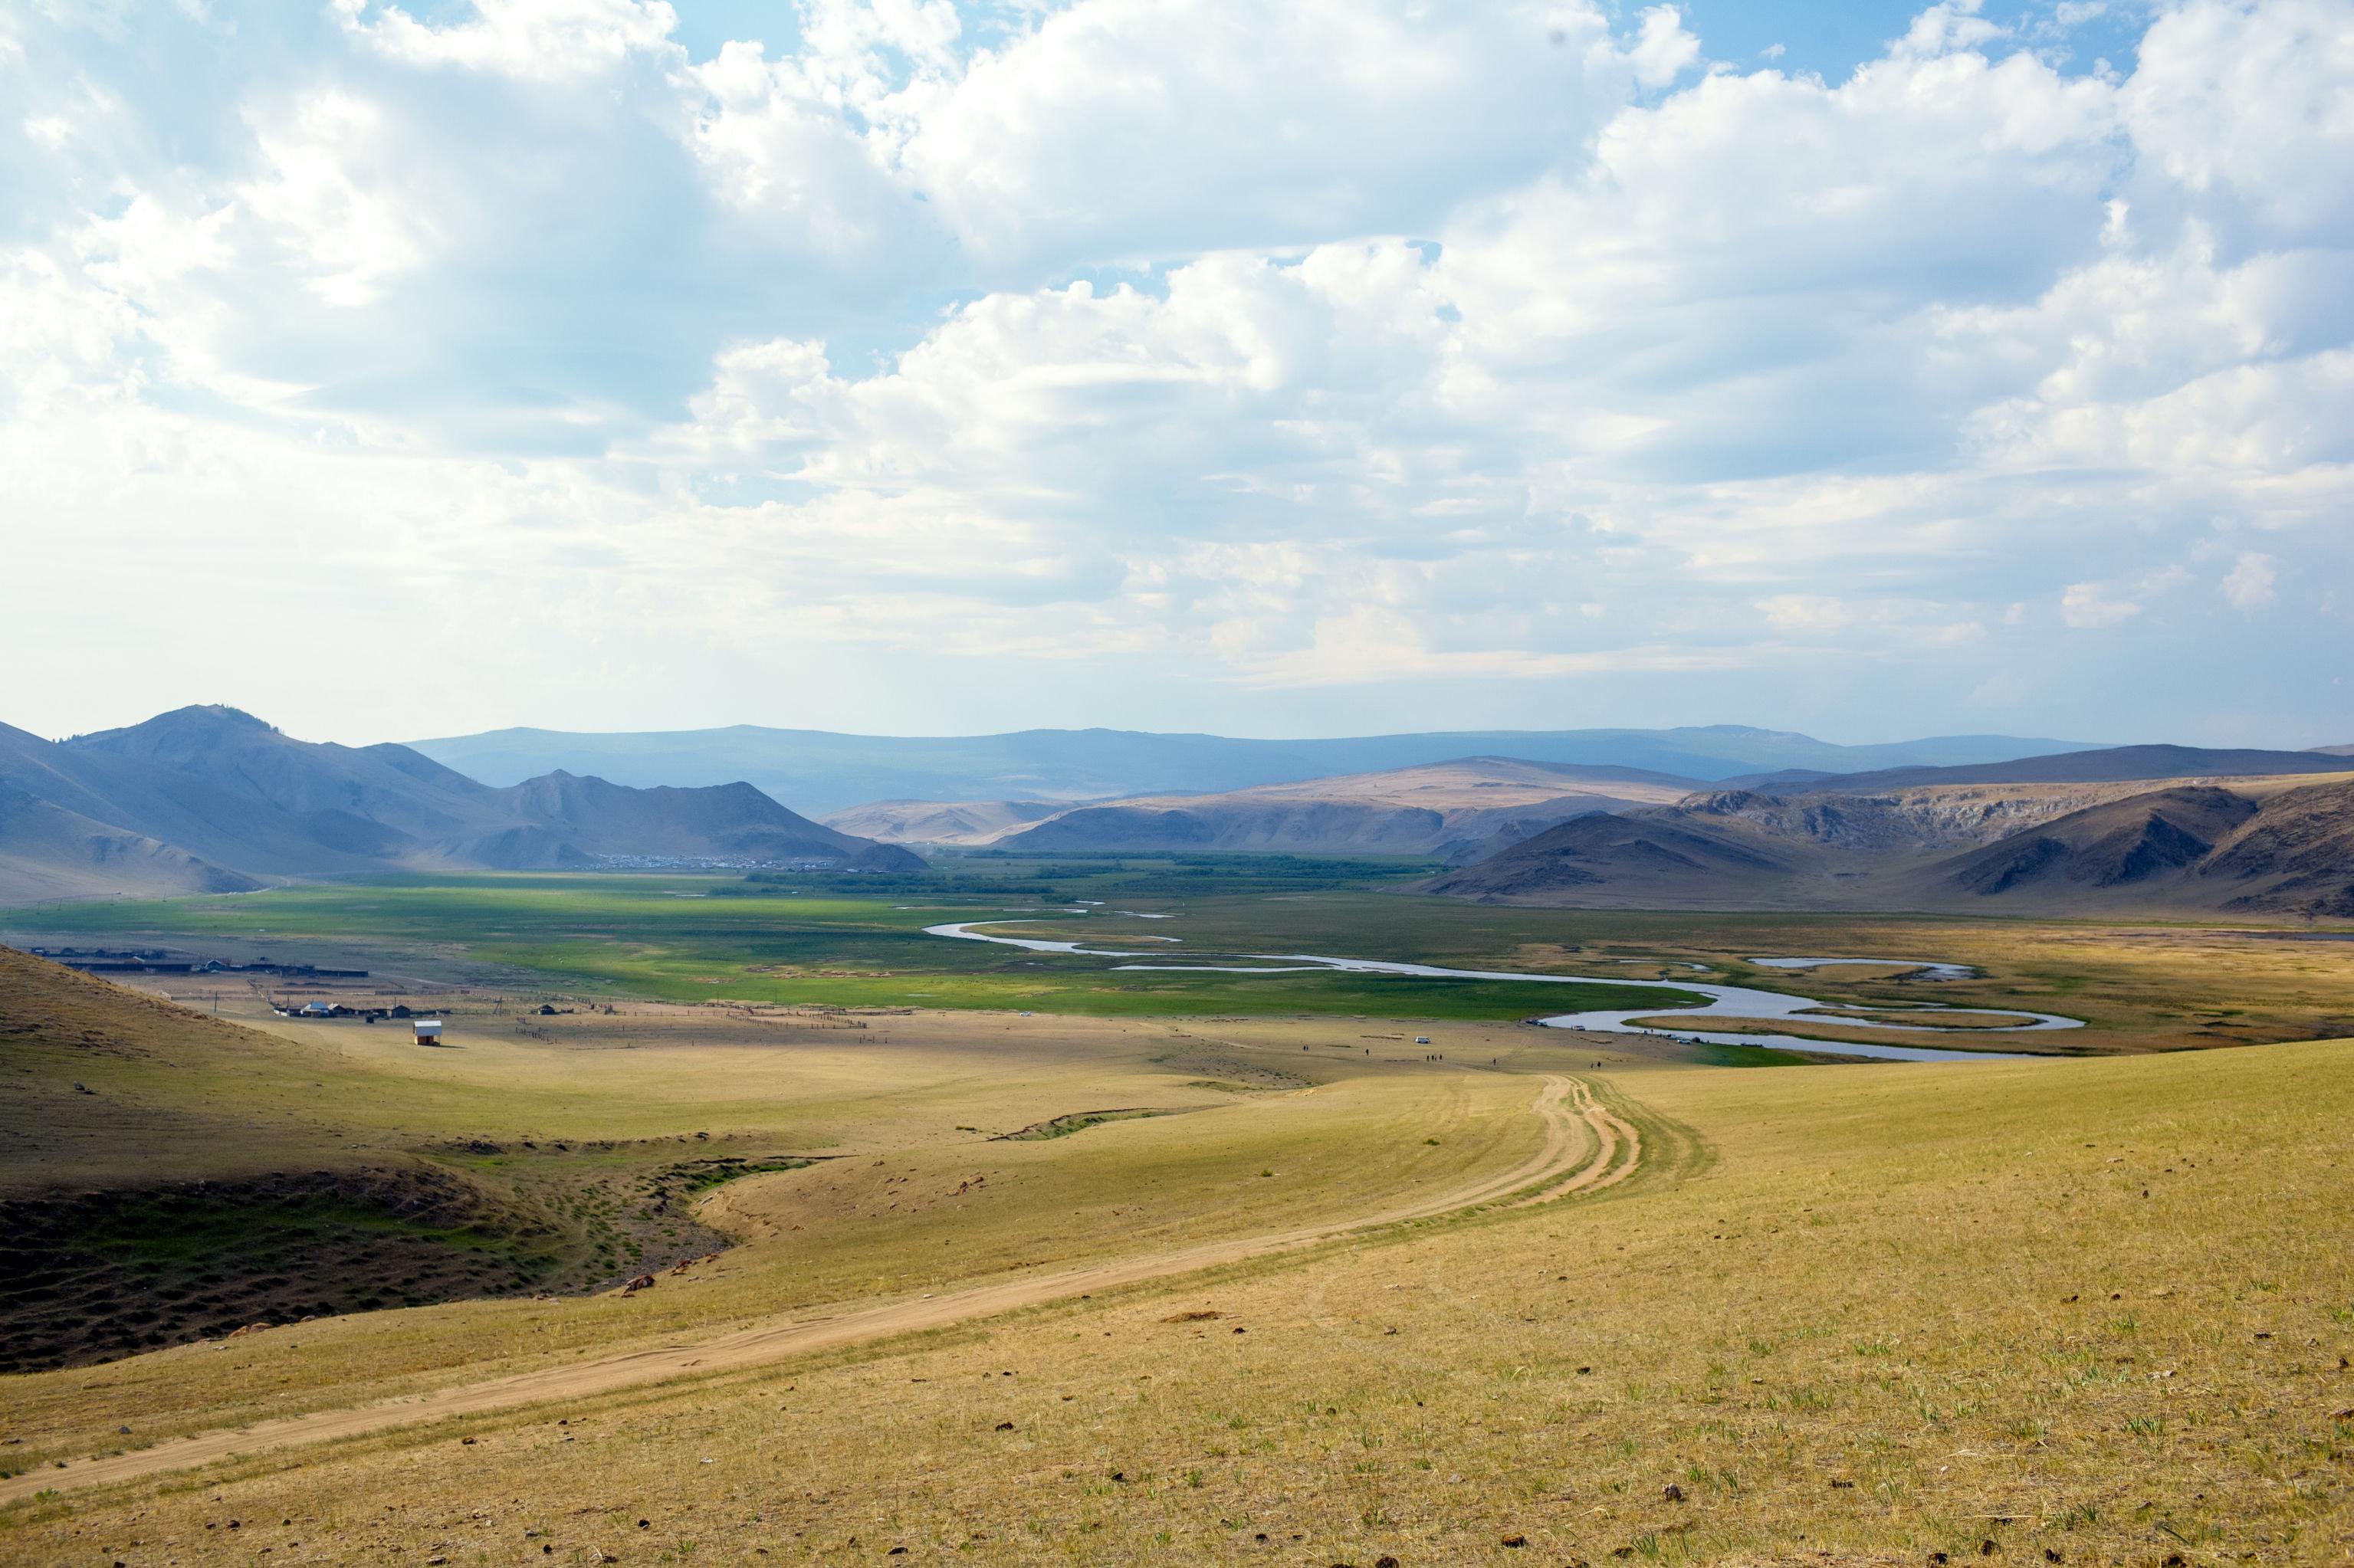 El valle del río Anga —situado en la estepa de Tazheran— es un complejo natural único para la región de Irkutsk.